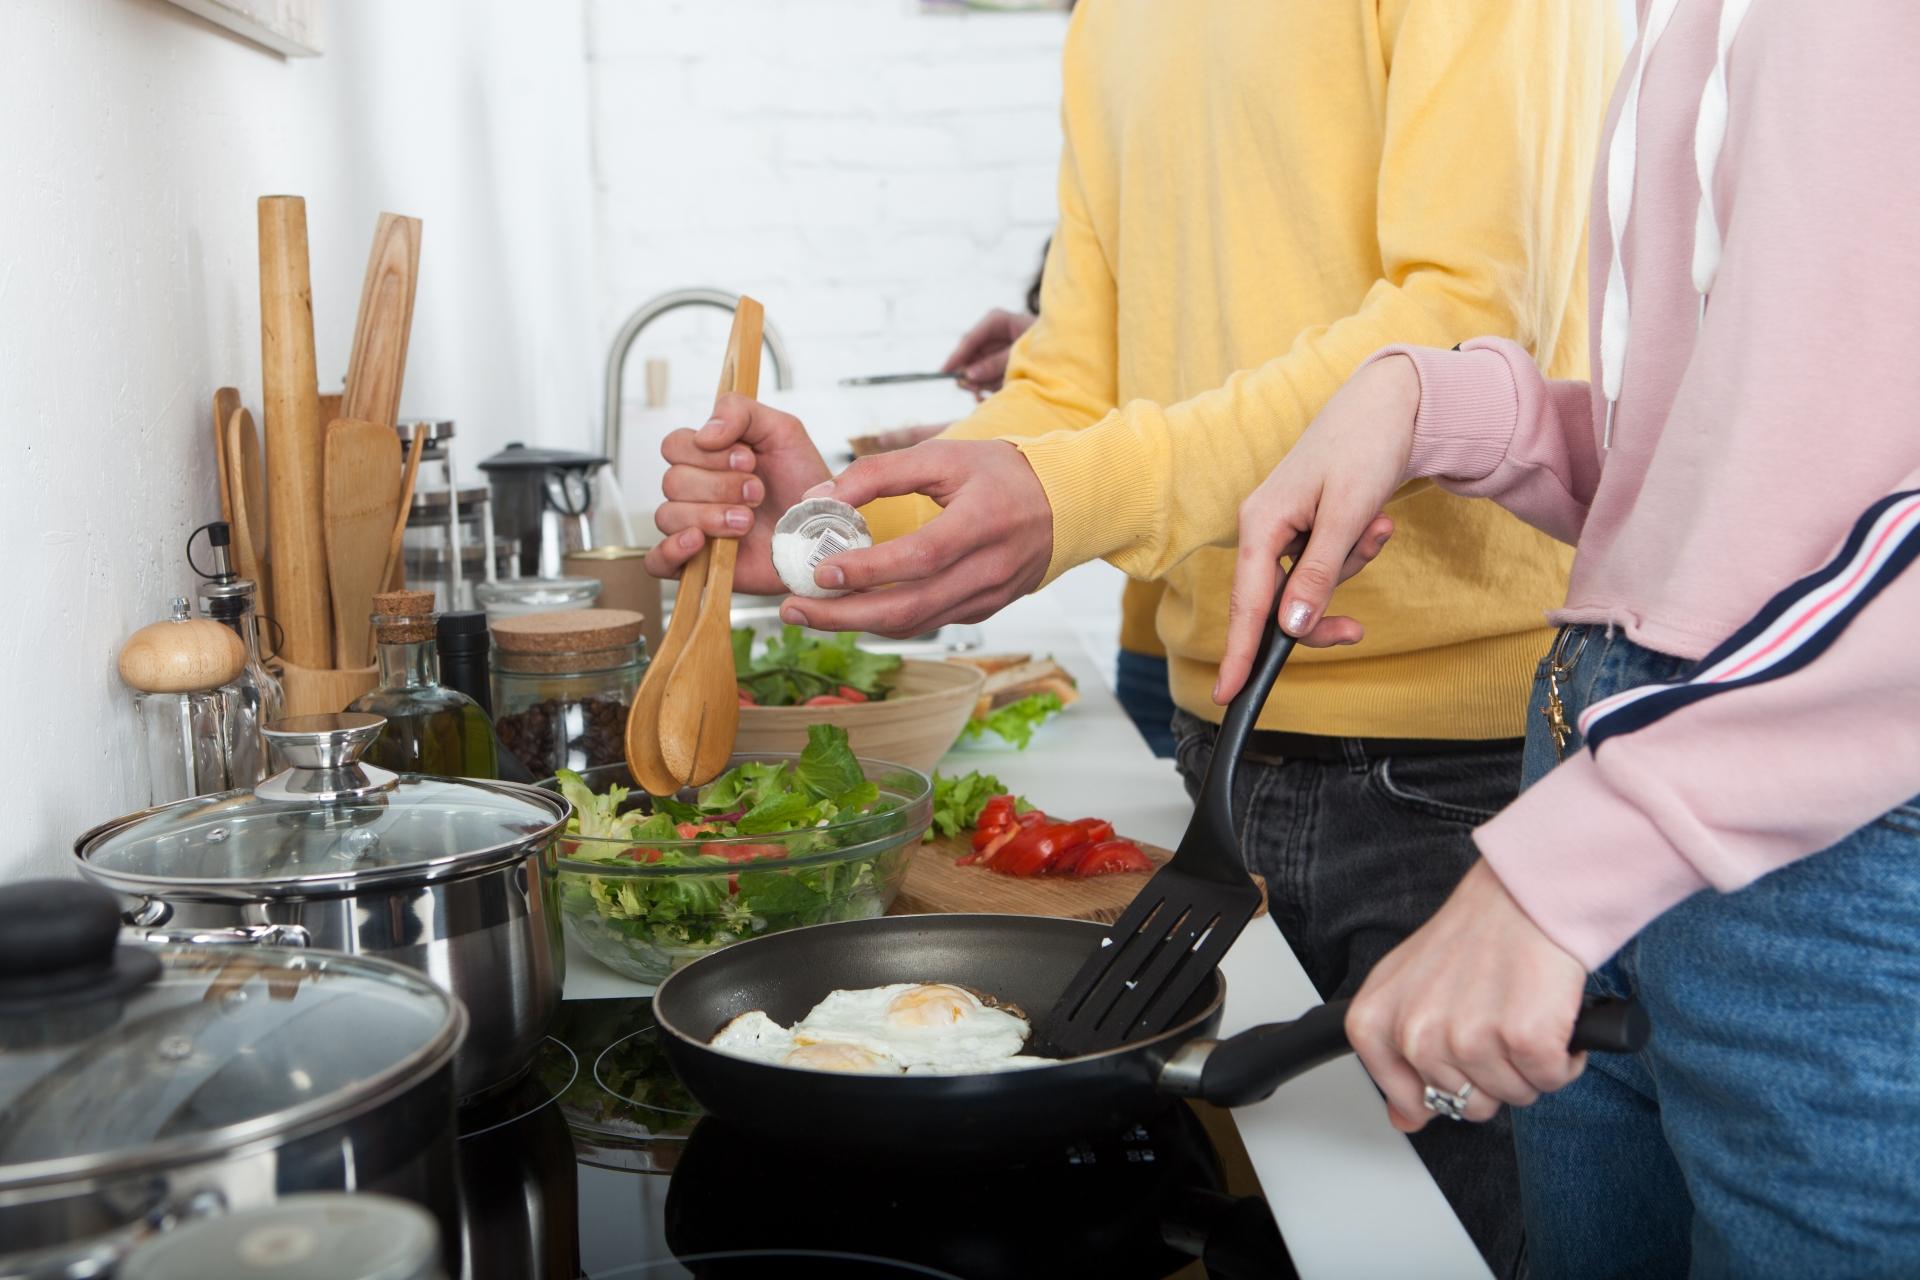 【時流解説】ゴーストレストラン、シェアキッチン、クラウドキッチンとは?